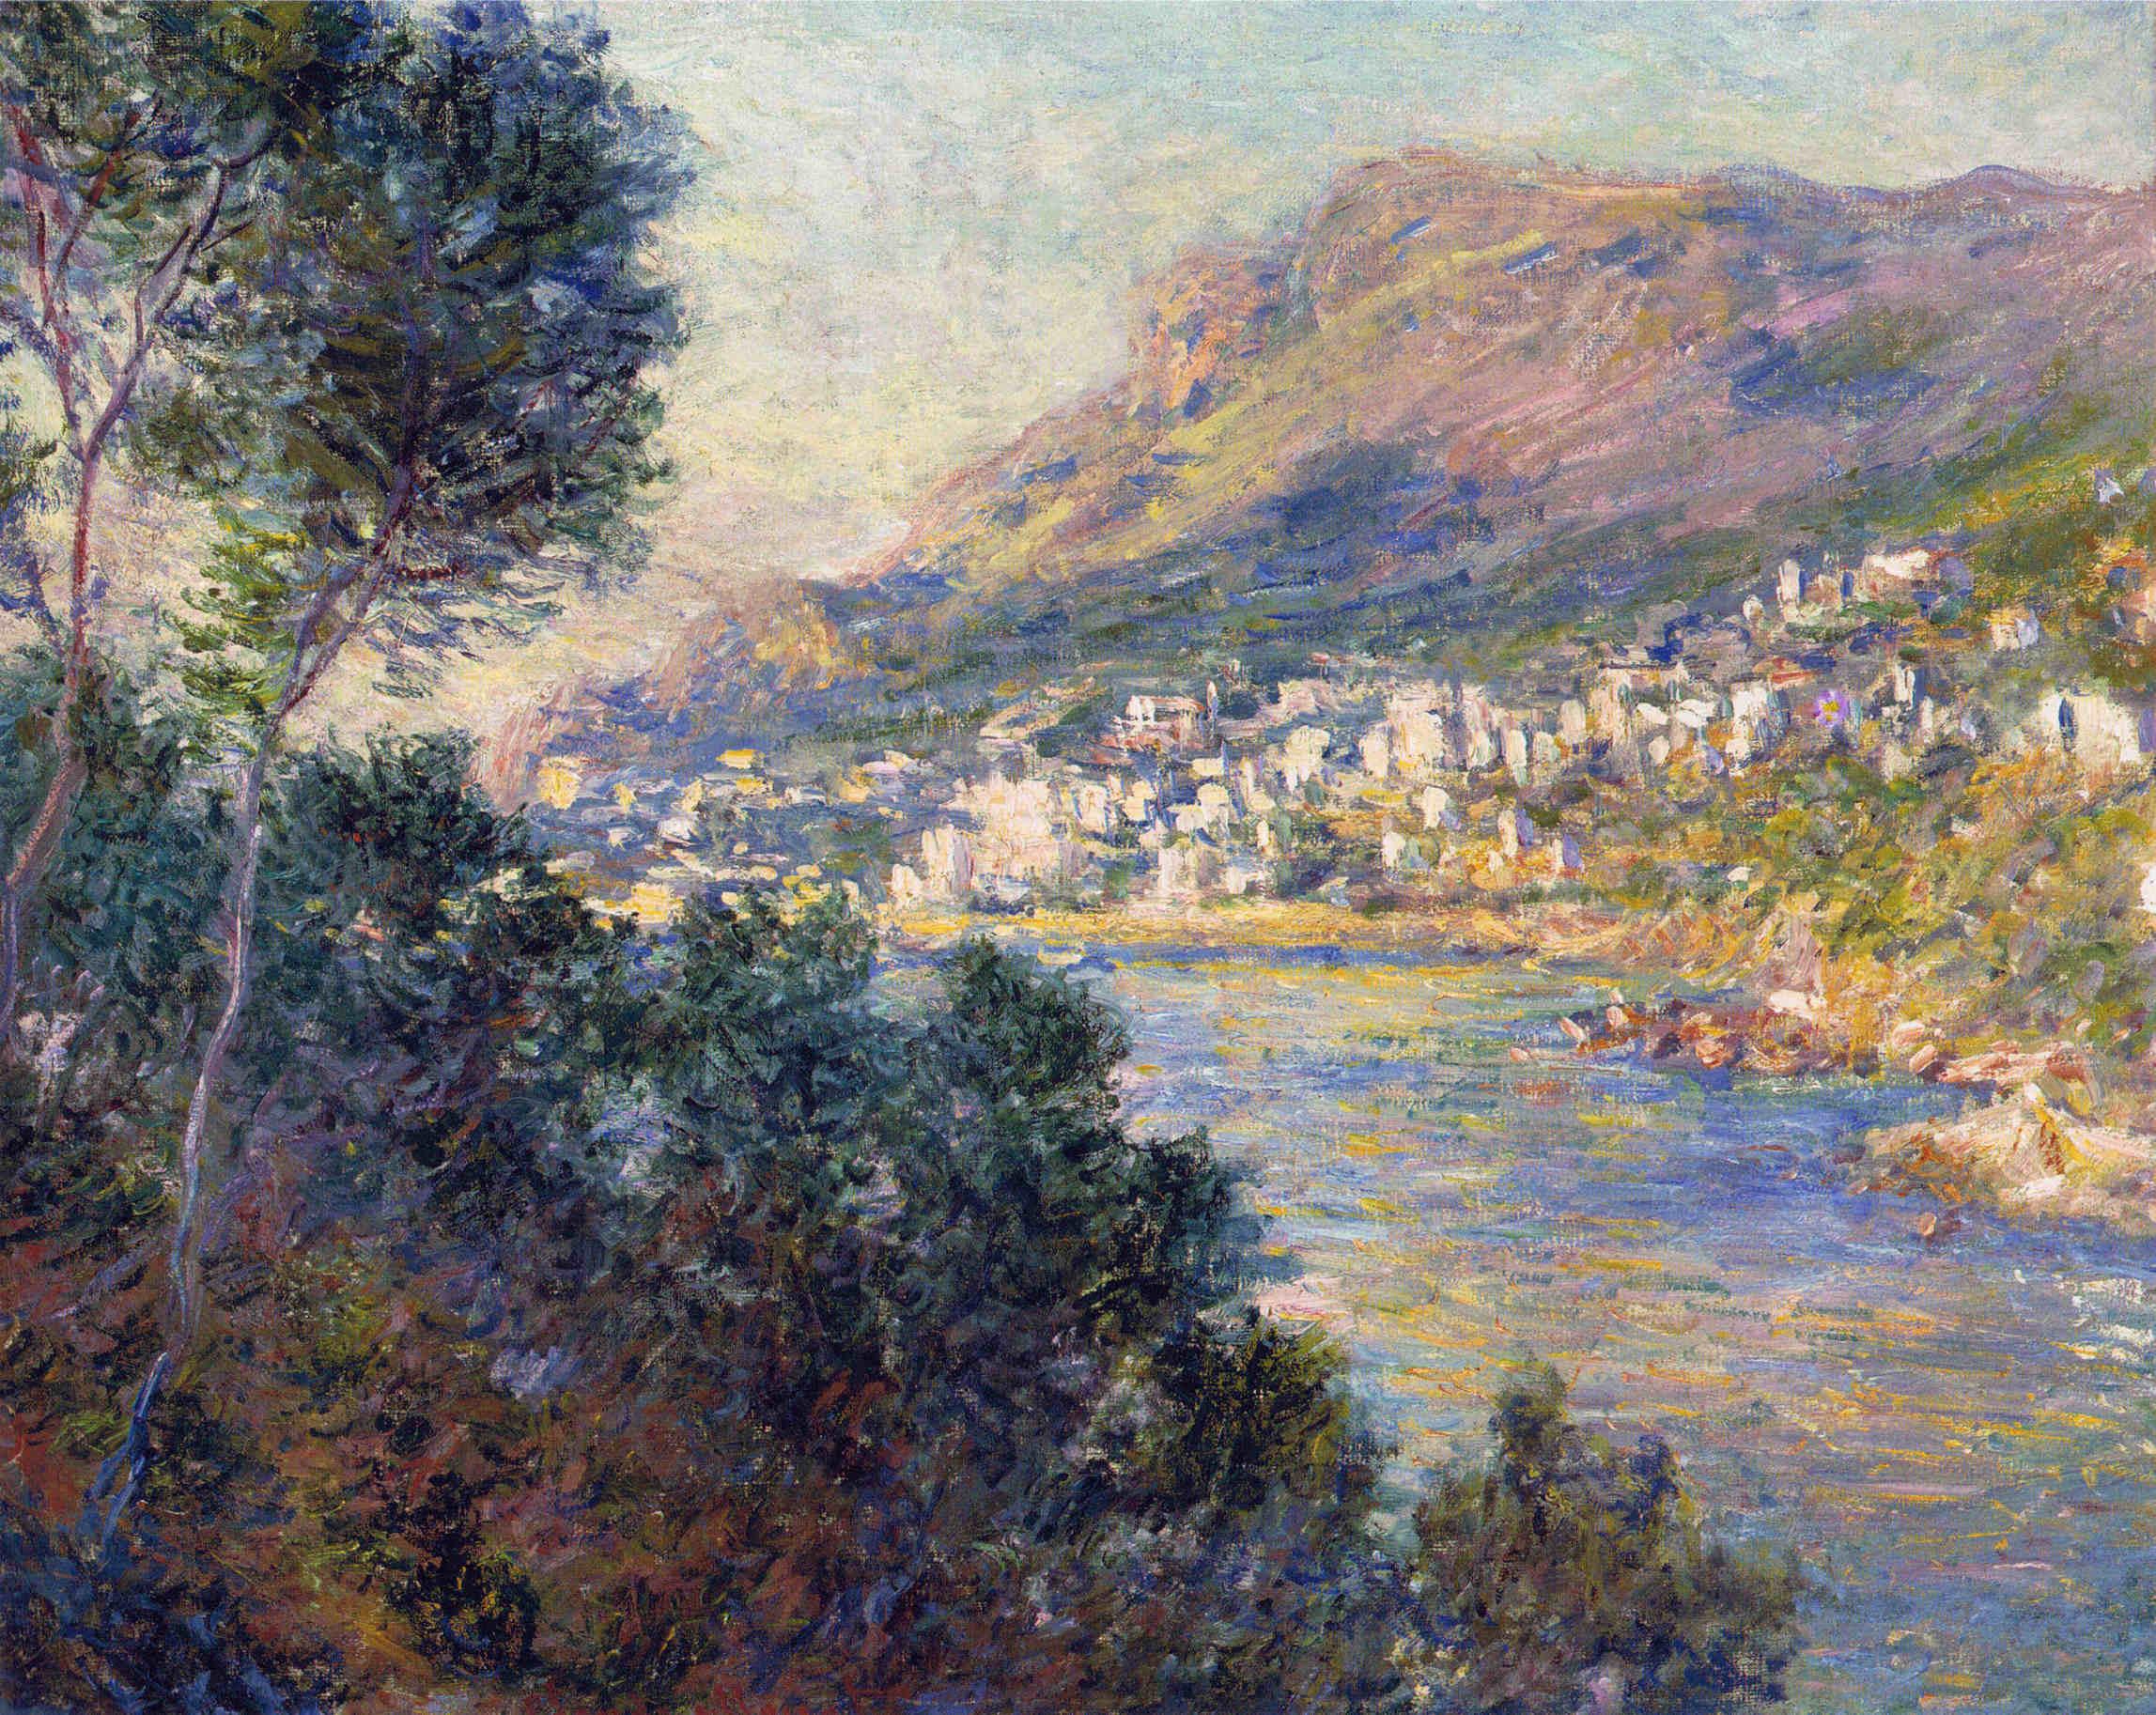 южные пейзажи < Монте-Карло, вид из Рокебруна >:: Клод Моне, описание картины - Claude Monet фото